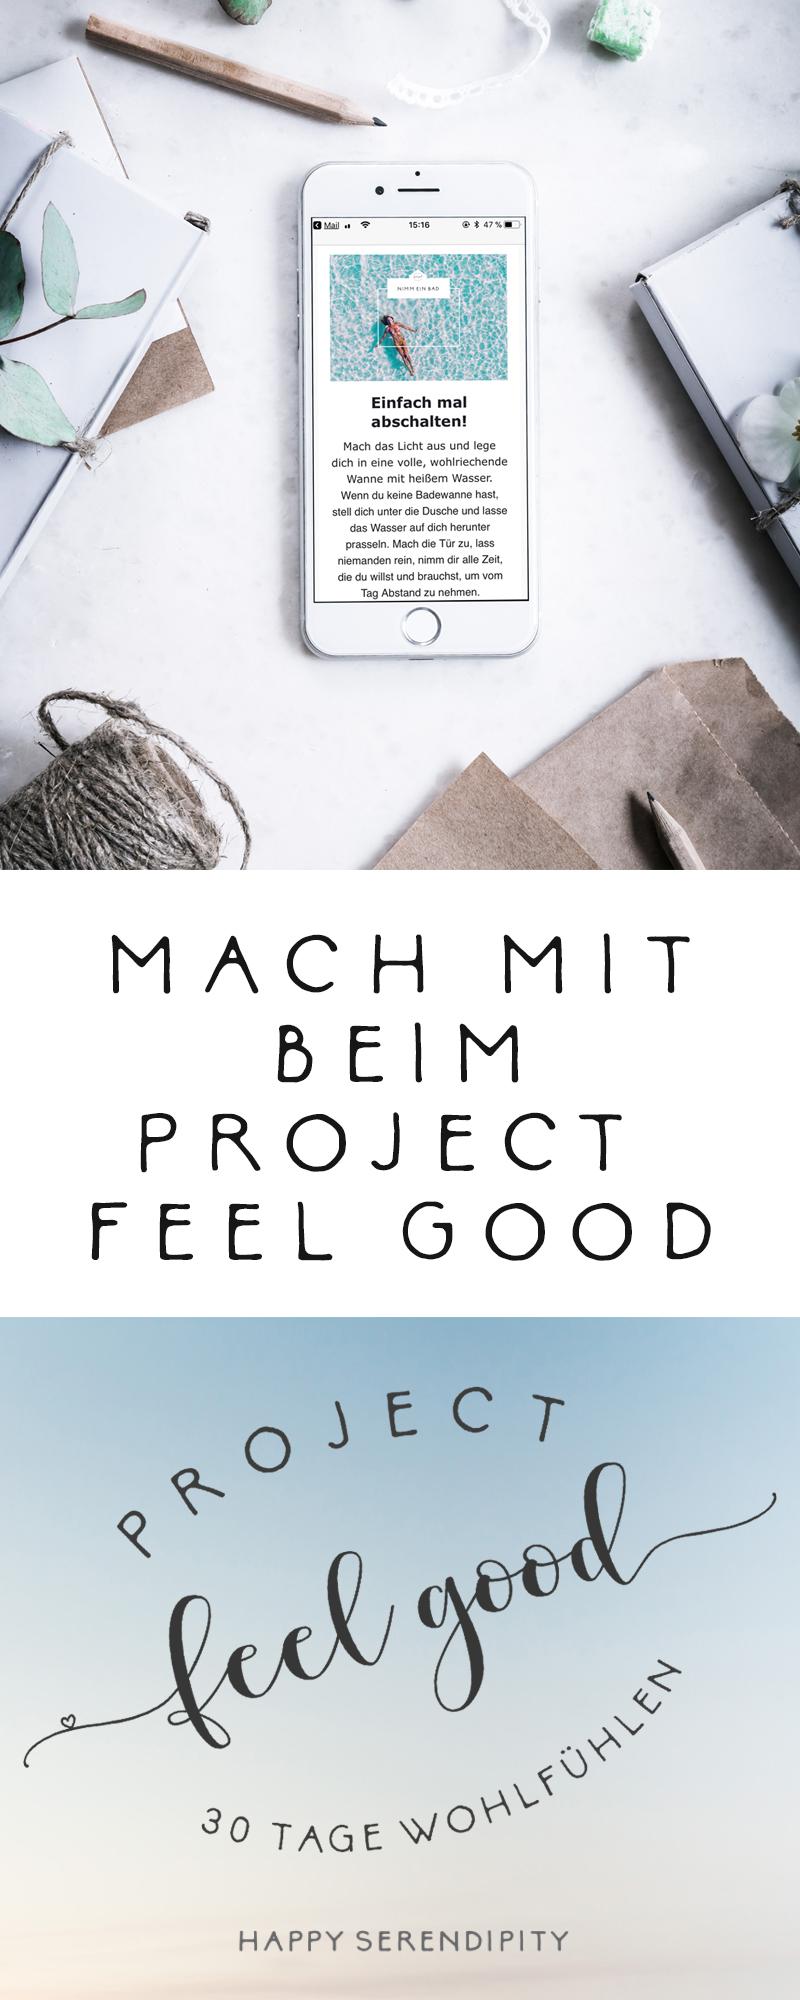 Mach mit beim Project Feel Good bei Happy Serendipity